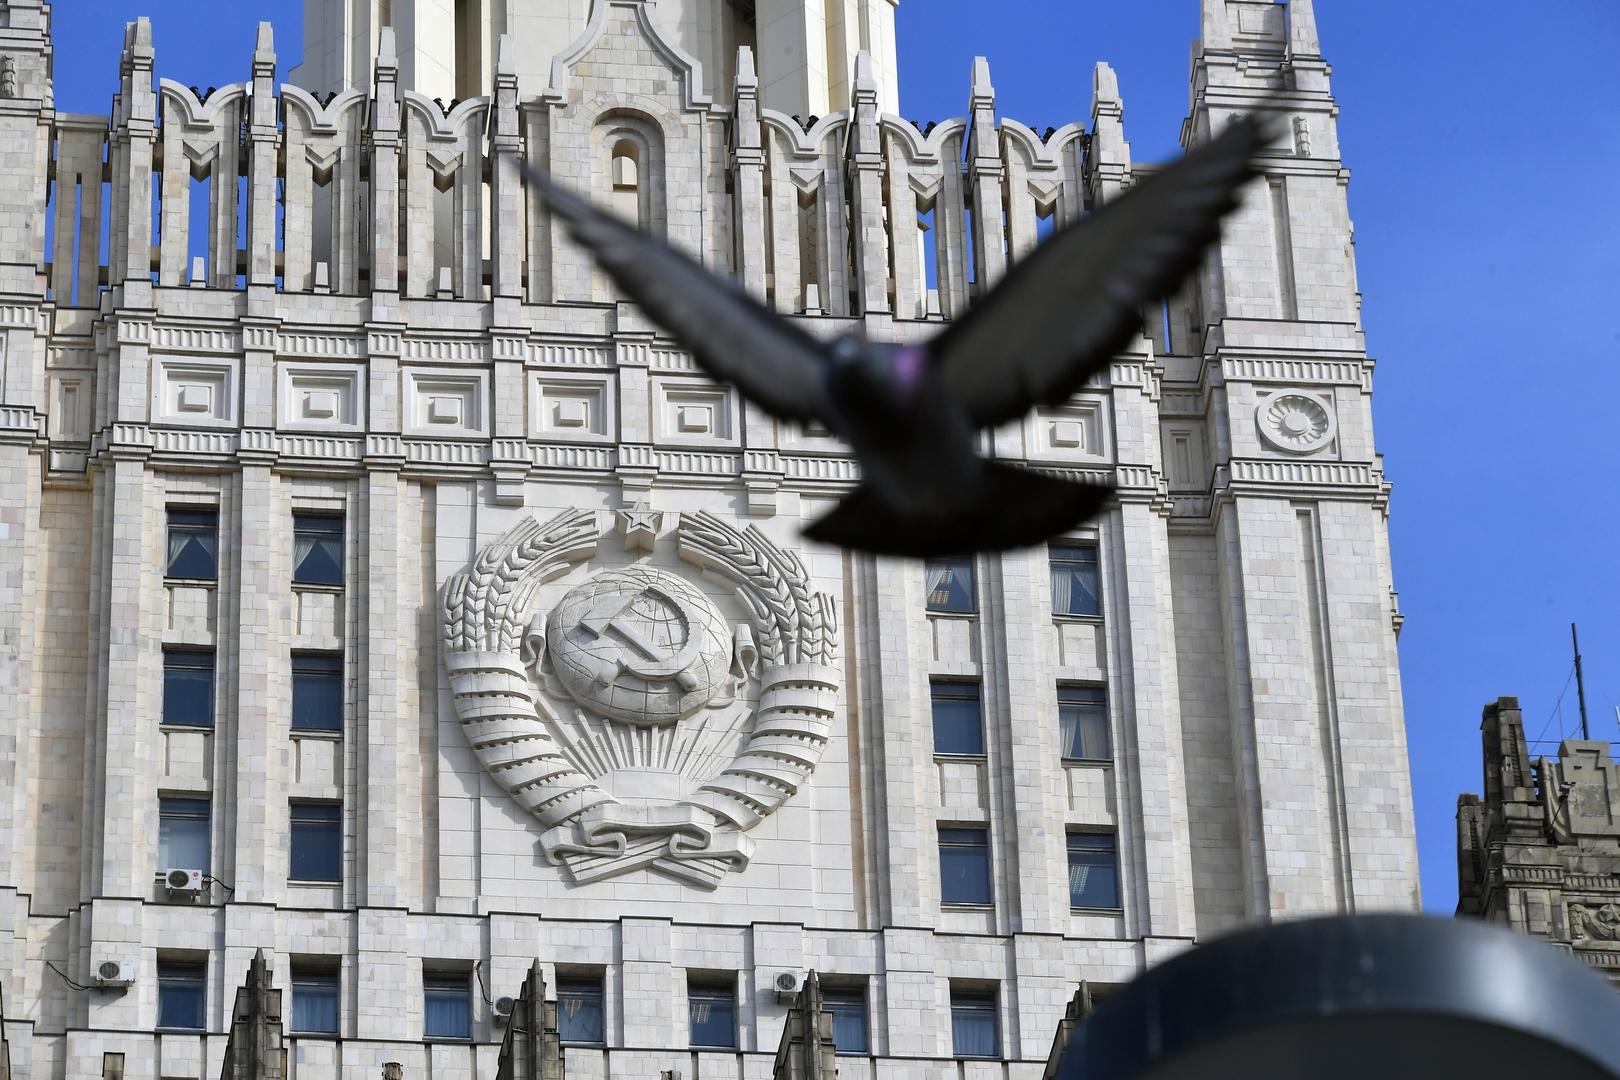 موسكو ردا على استدعاء إسرائيل للسفير الروسي: القضية الفلسطينية كانت ولا تزال قضية مركزية